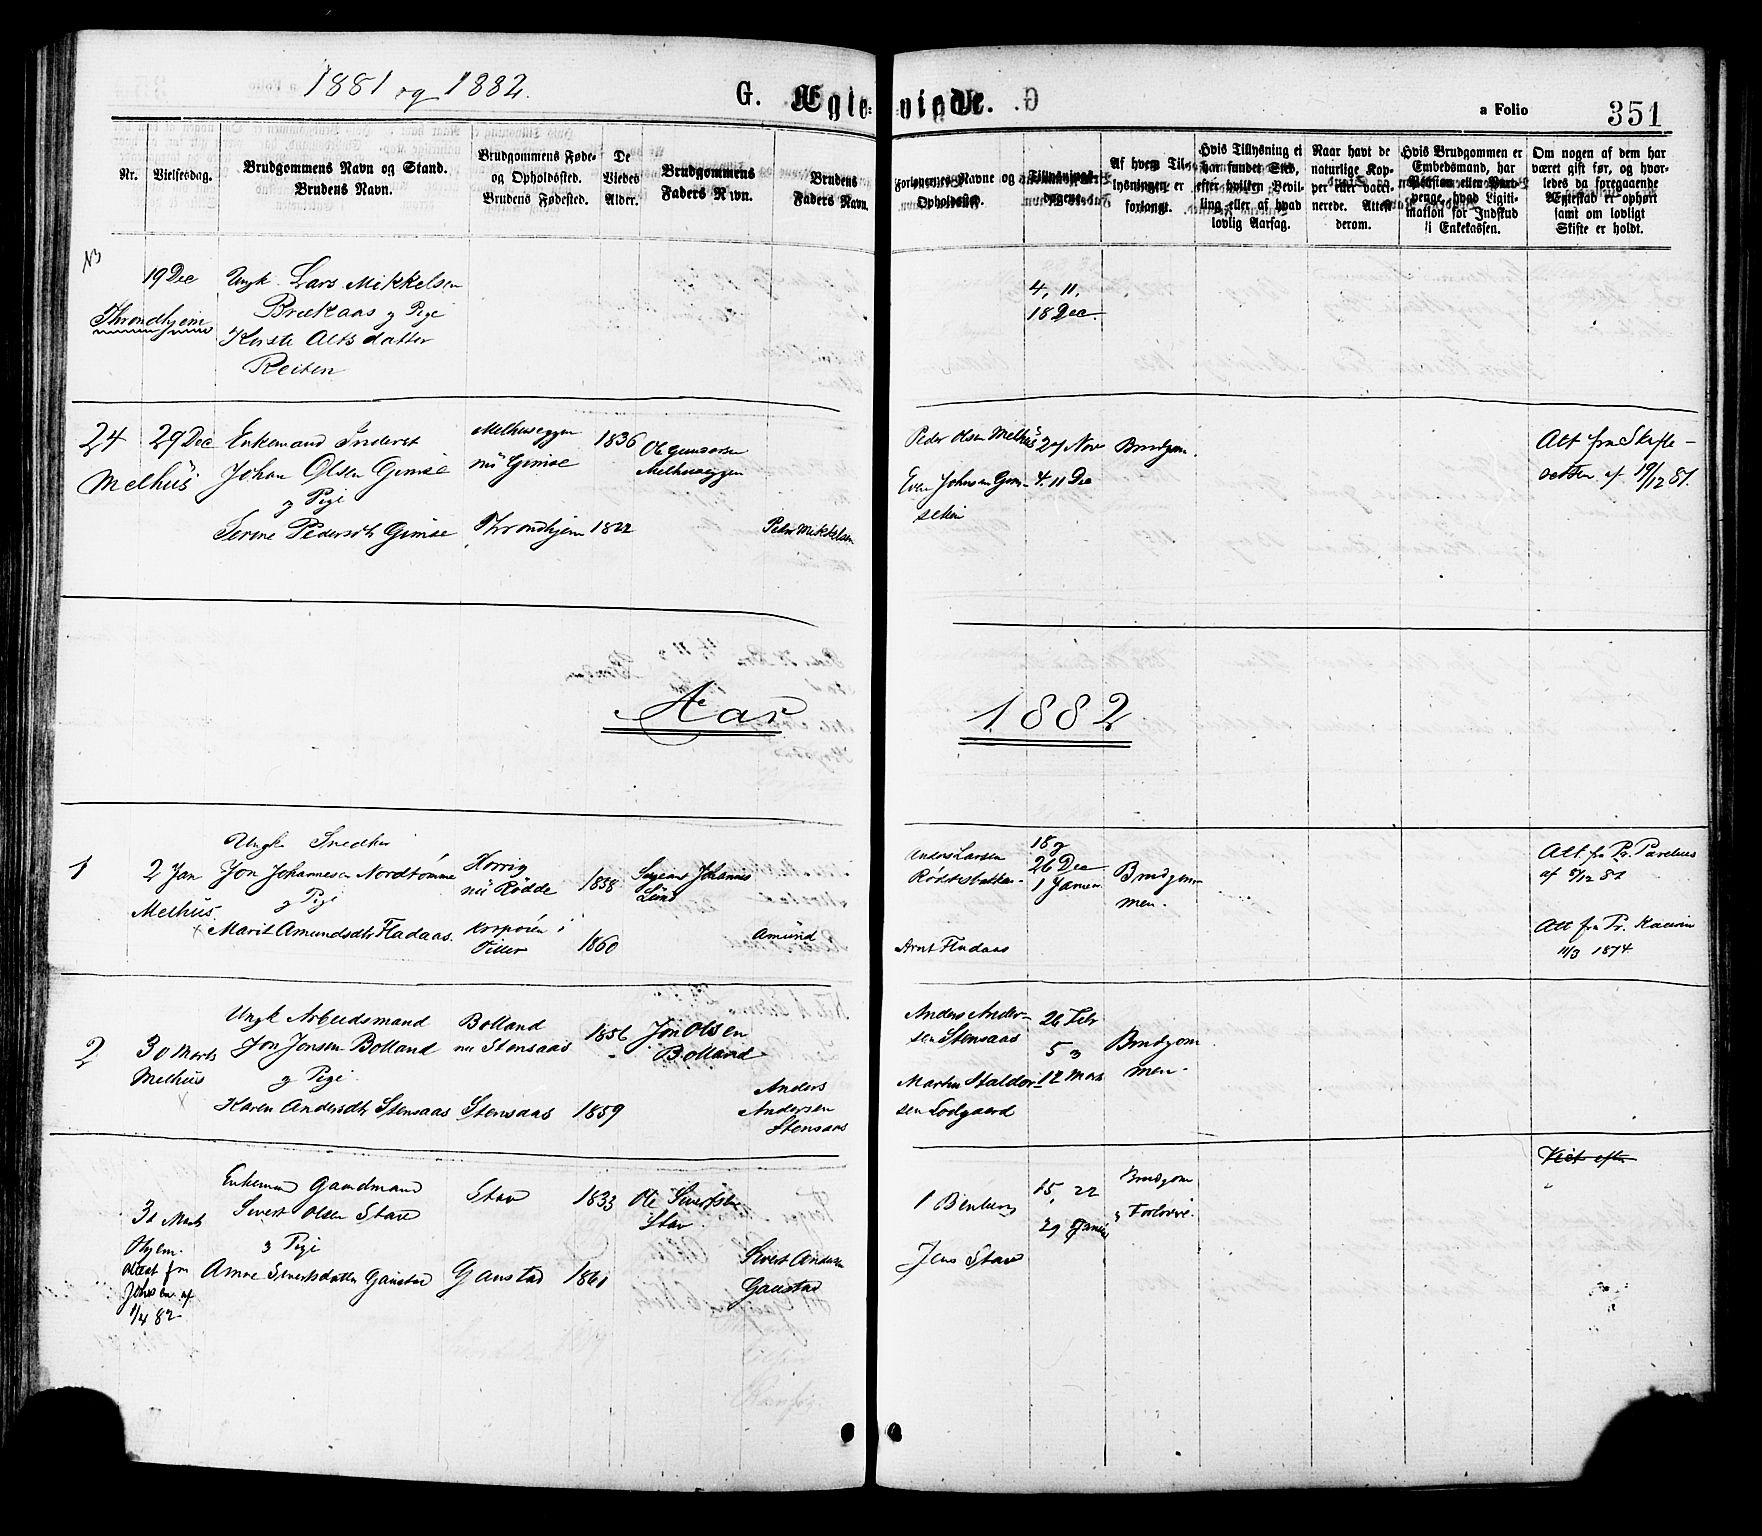 SAT, Ministerialprotokoller, klokkerbøker og fødselsregistre - Sør-Trøndelag, 691/L1079: Ministerialbok nr. 691A11, 1873-1886, s. 351